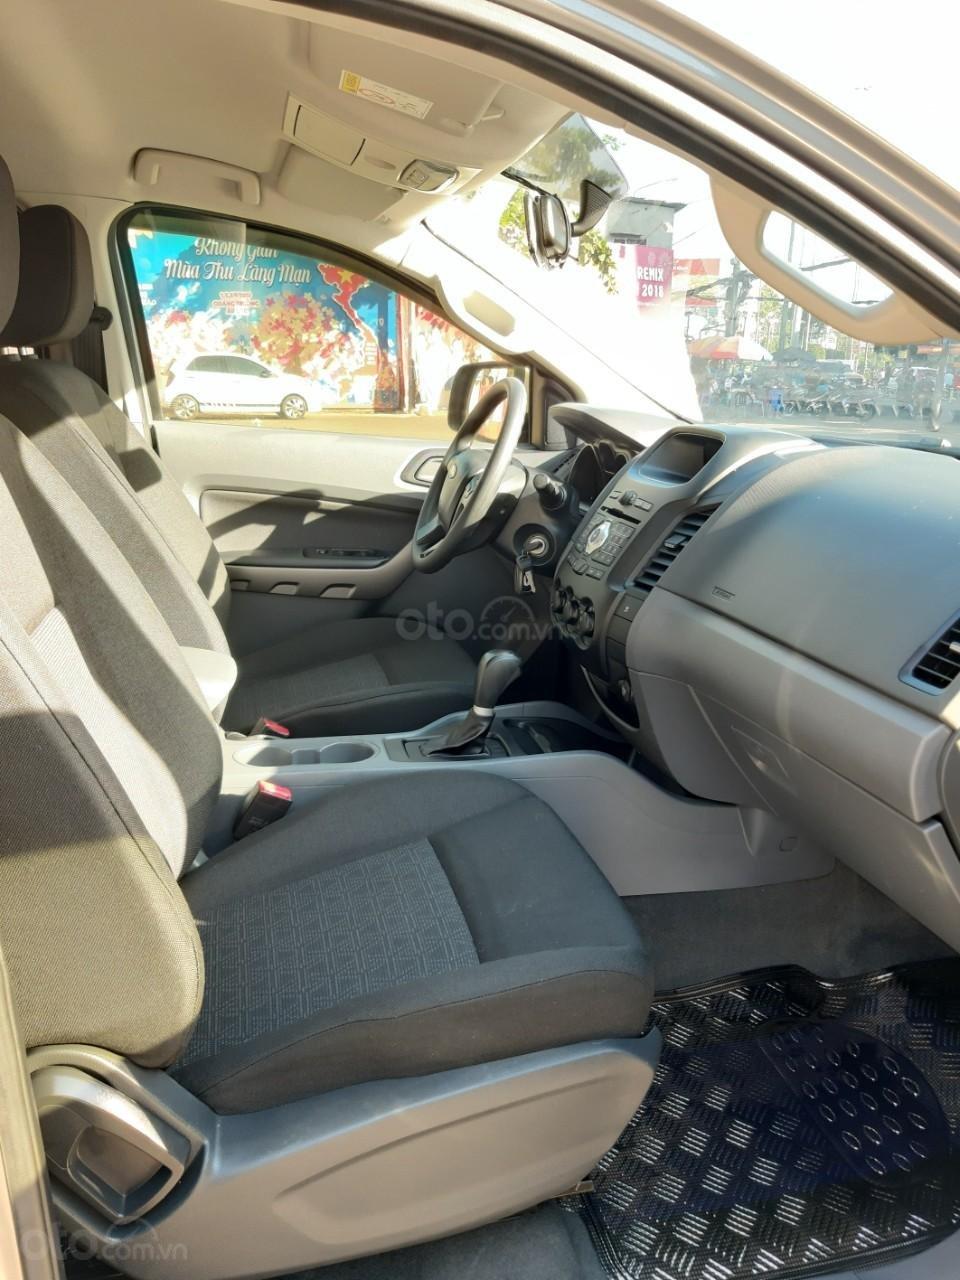 Bán Ford Ranger XLS model 2017, màu bạc, nhập khẩu, gắn thêm thùng còn mới toanh, giá 600tr-11